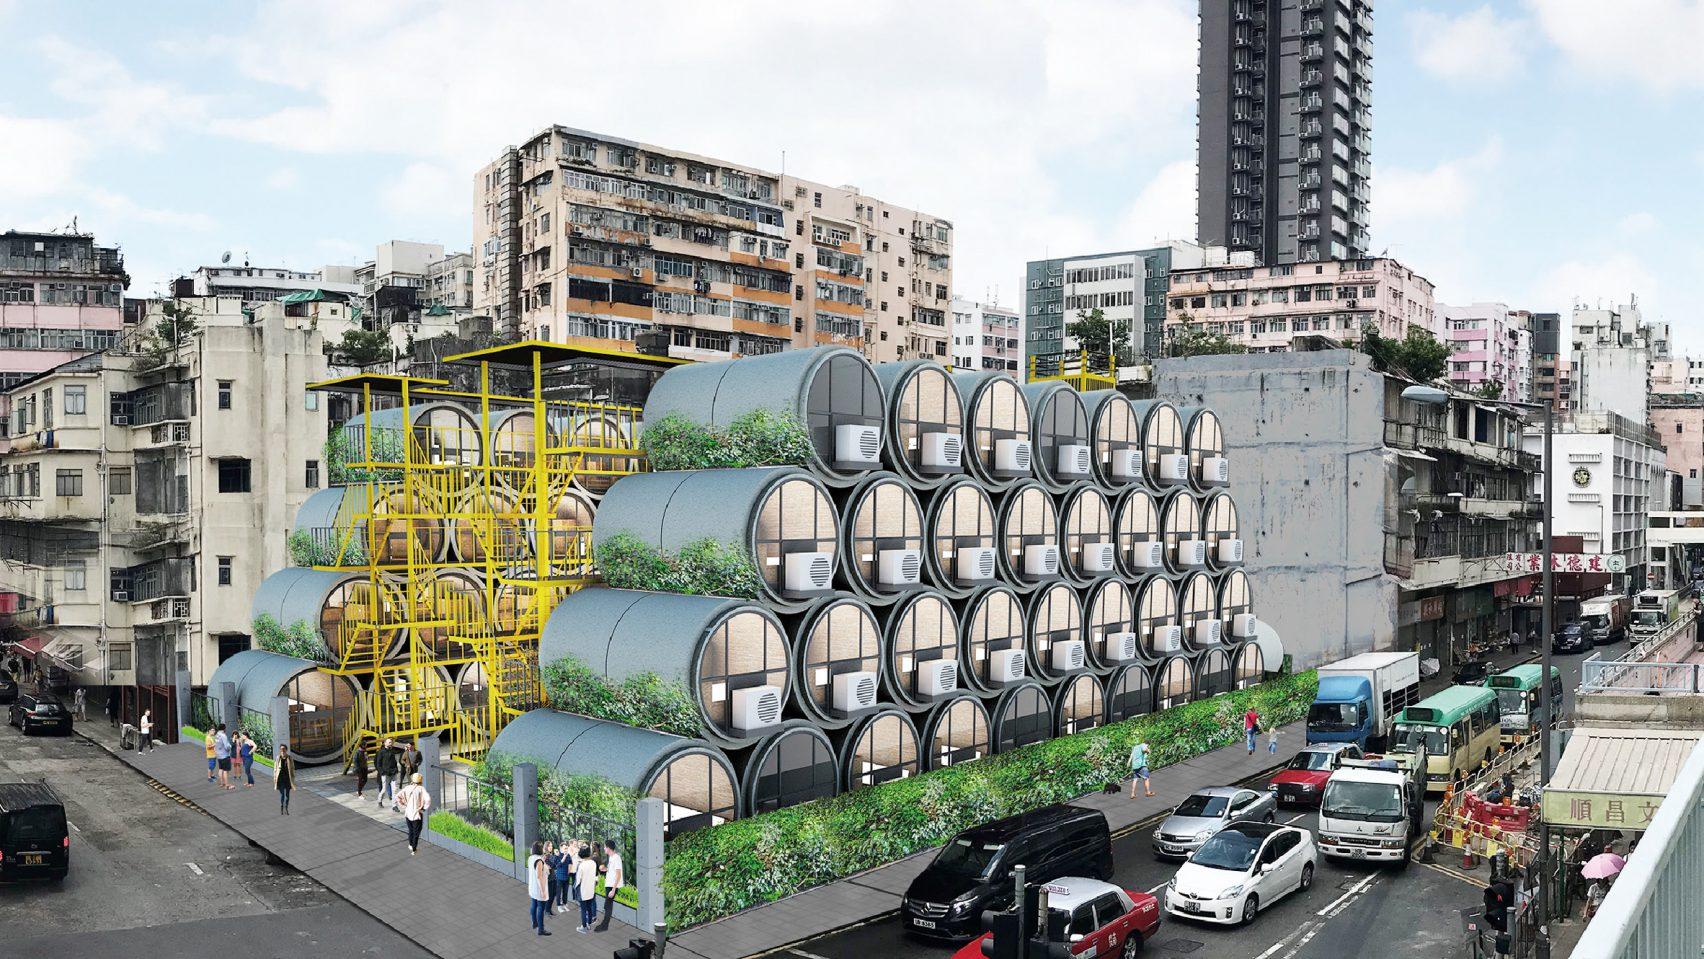 vista general de los tubos de hormigón armado como viviendas